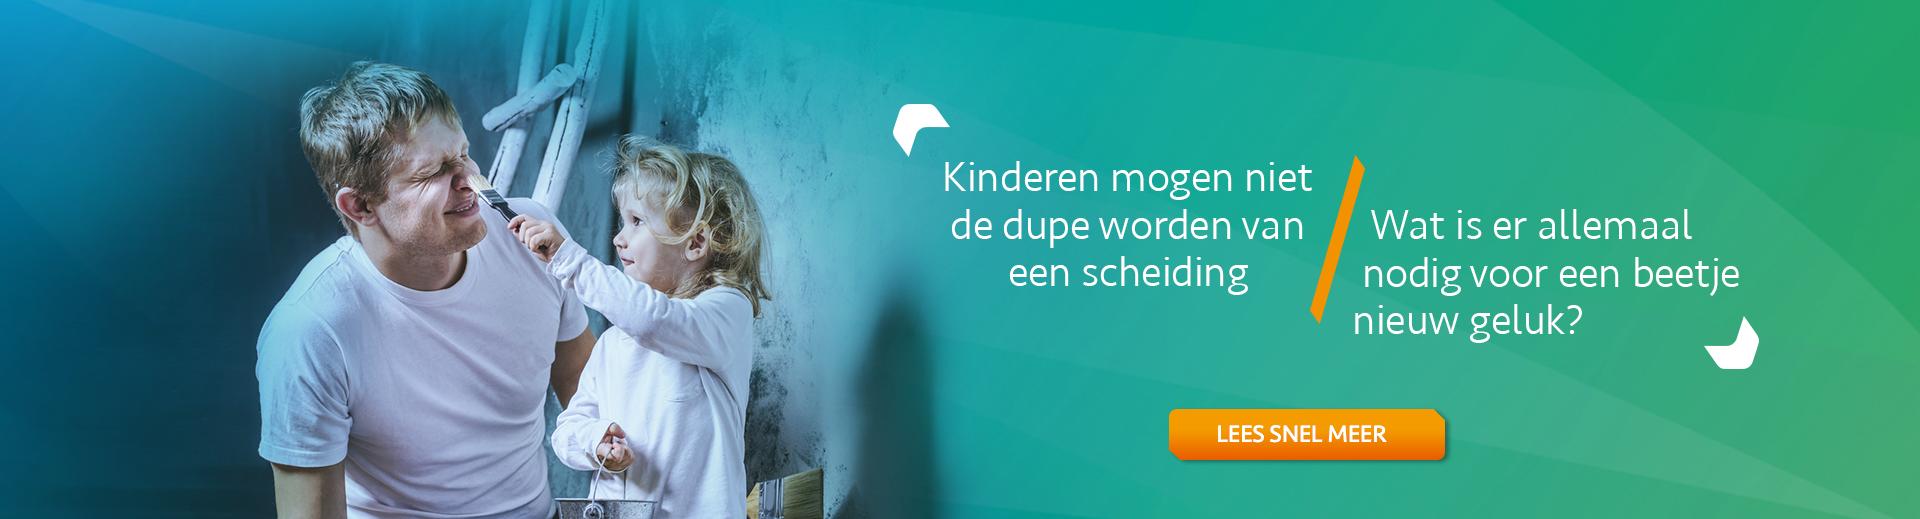 scheiden en kinderen - Scheidingsplanner Maastricht - Heerlen - Gulpen